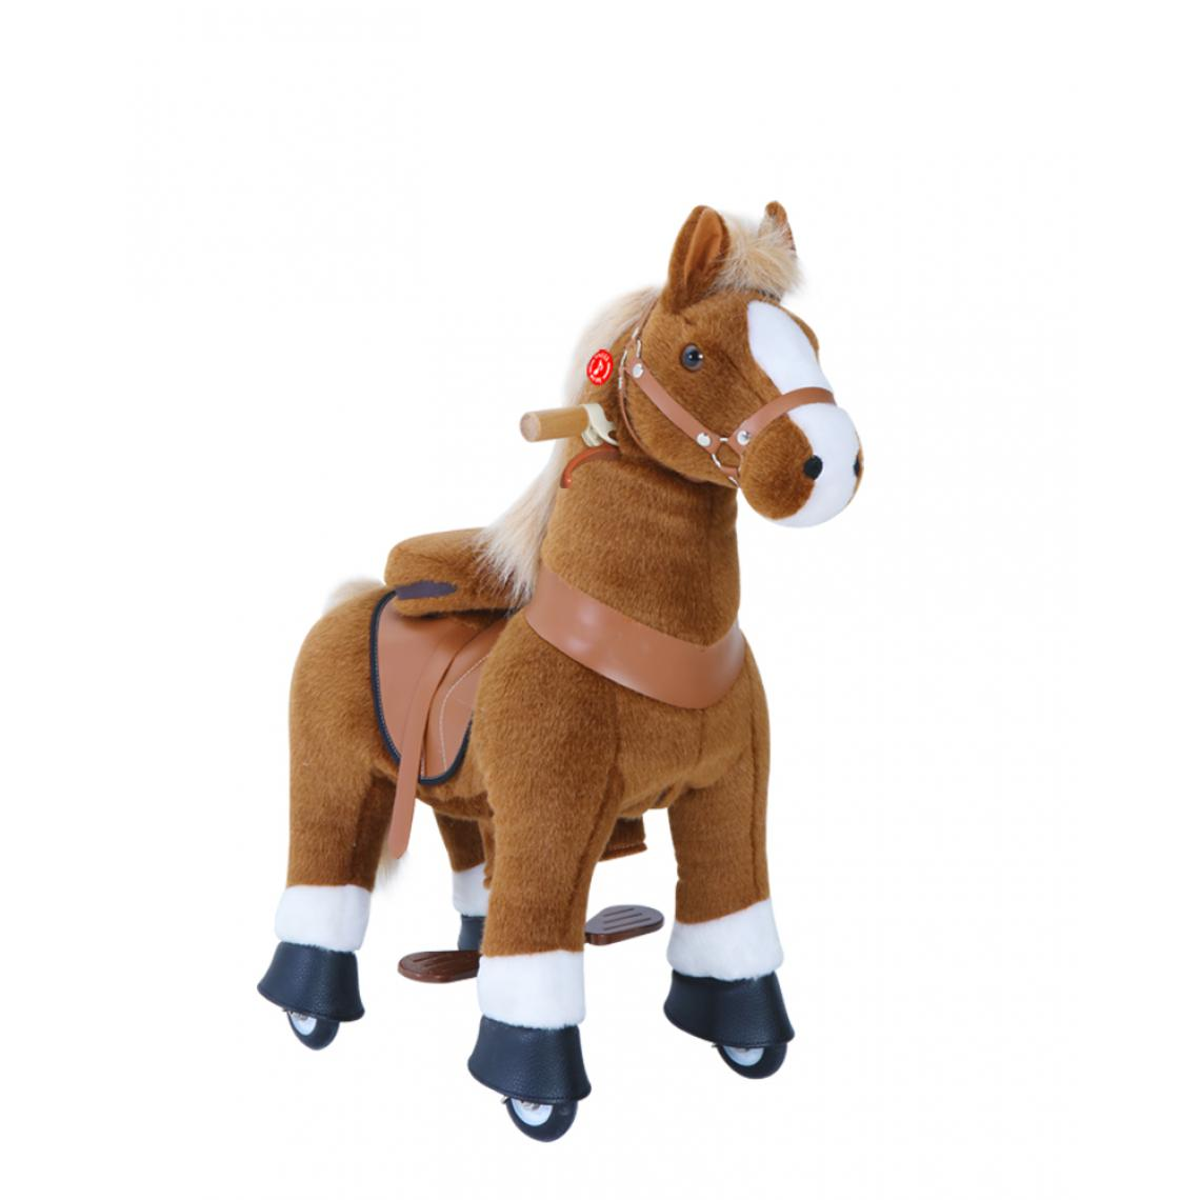 Ponycycle PonyCycle Poney à monter Marron avec sabot blanc Petit Modèle pour 3 à 5 ans